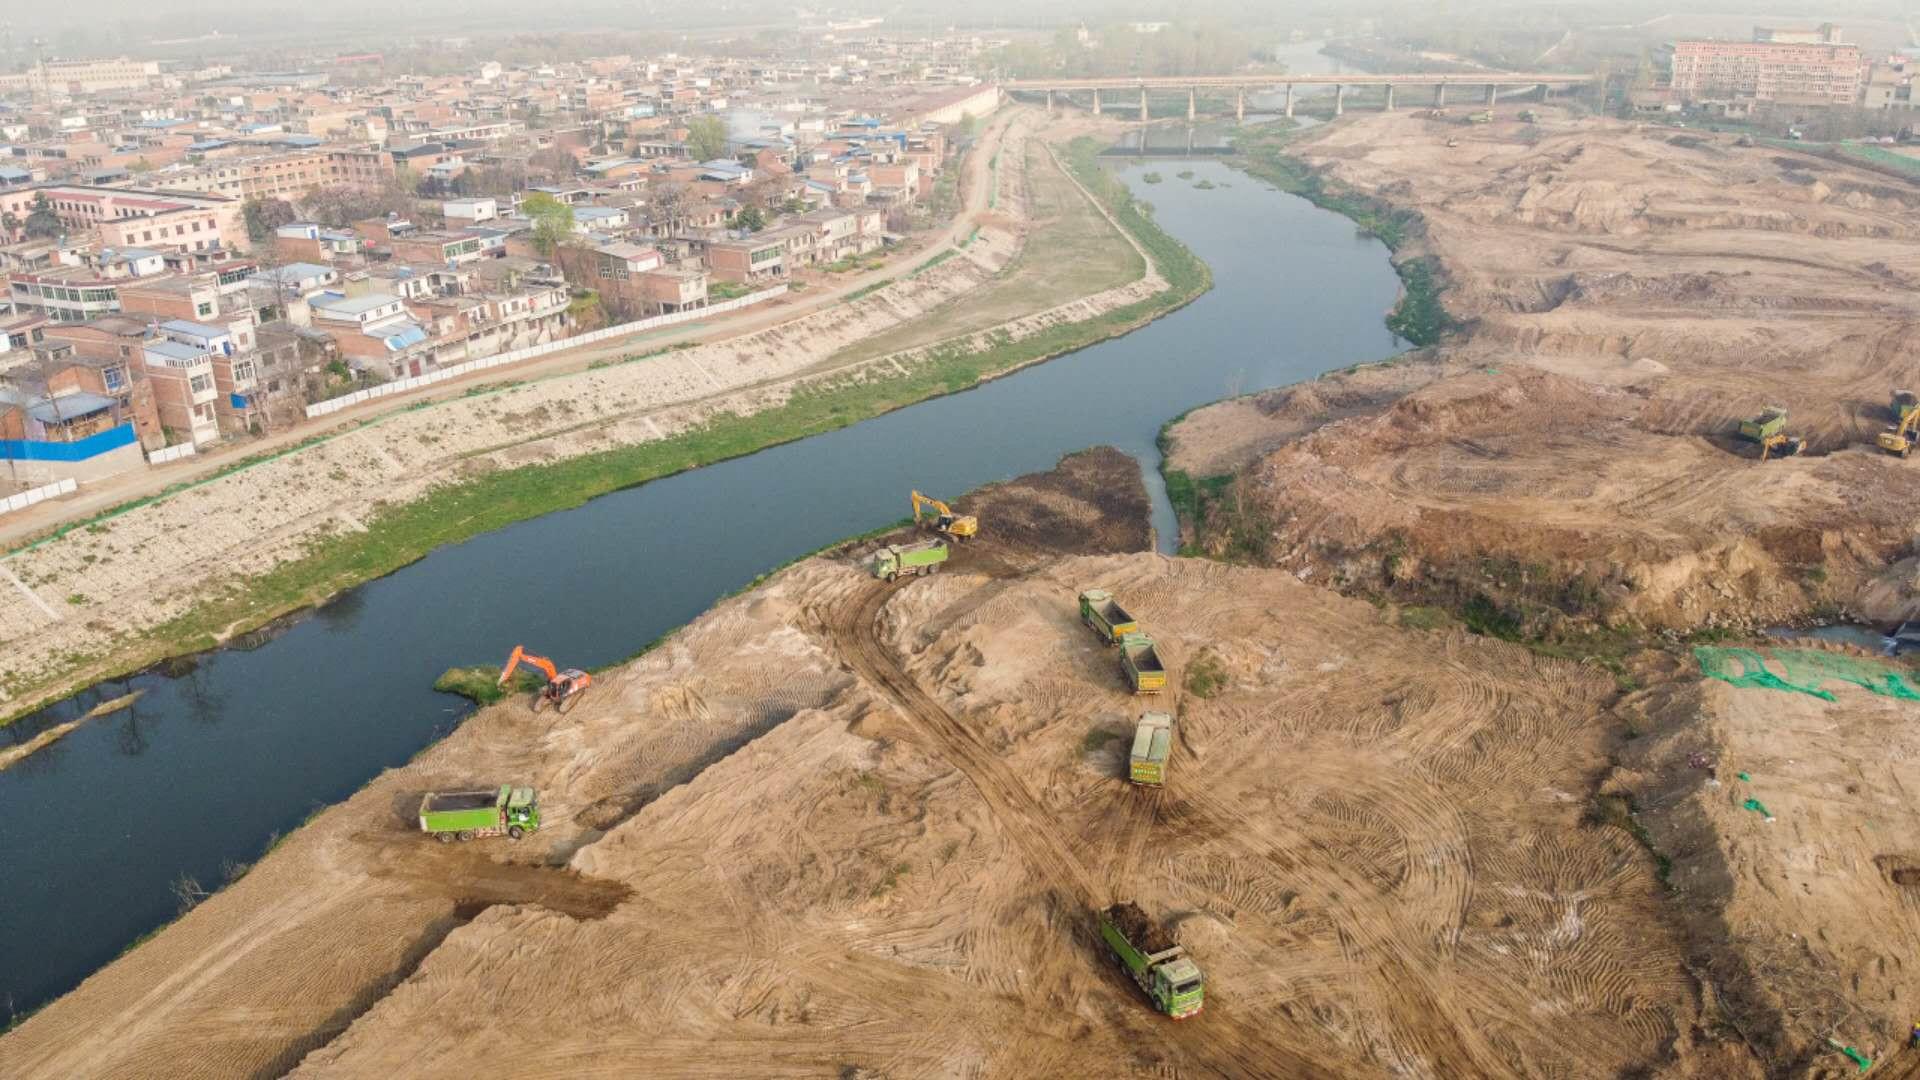 加快推进全域治水碧水兴城 为市民创造良好生态环境 王浩检查督导沣河氵皂河潏河治理工程建设